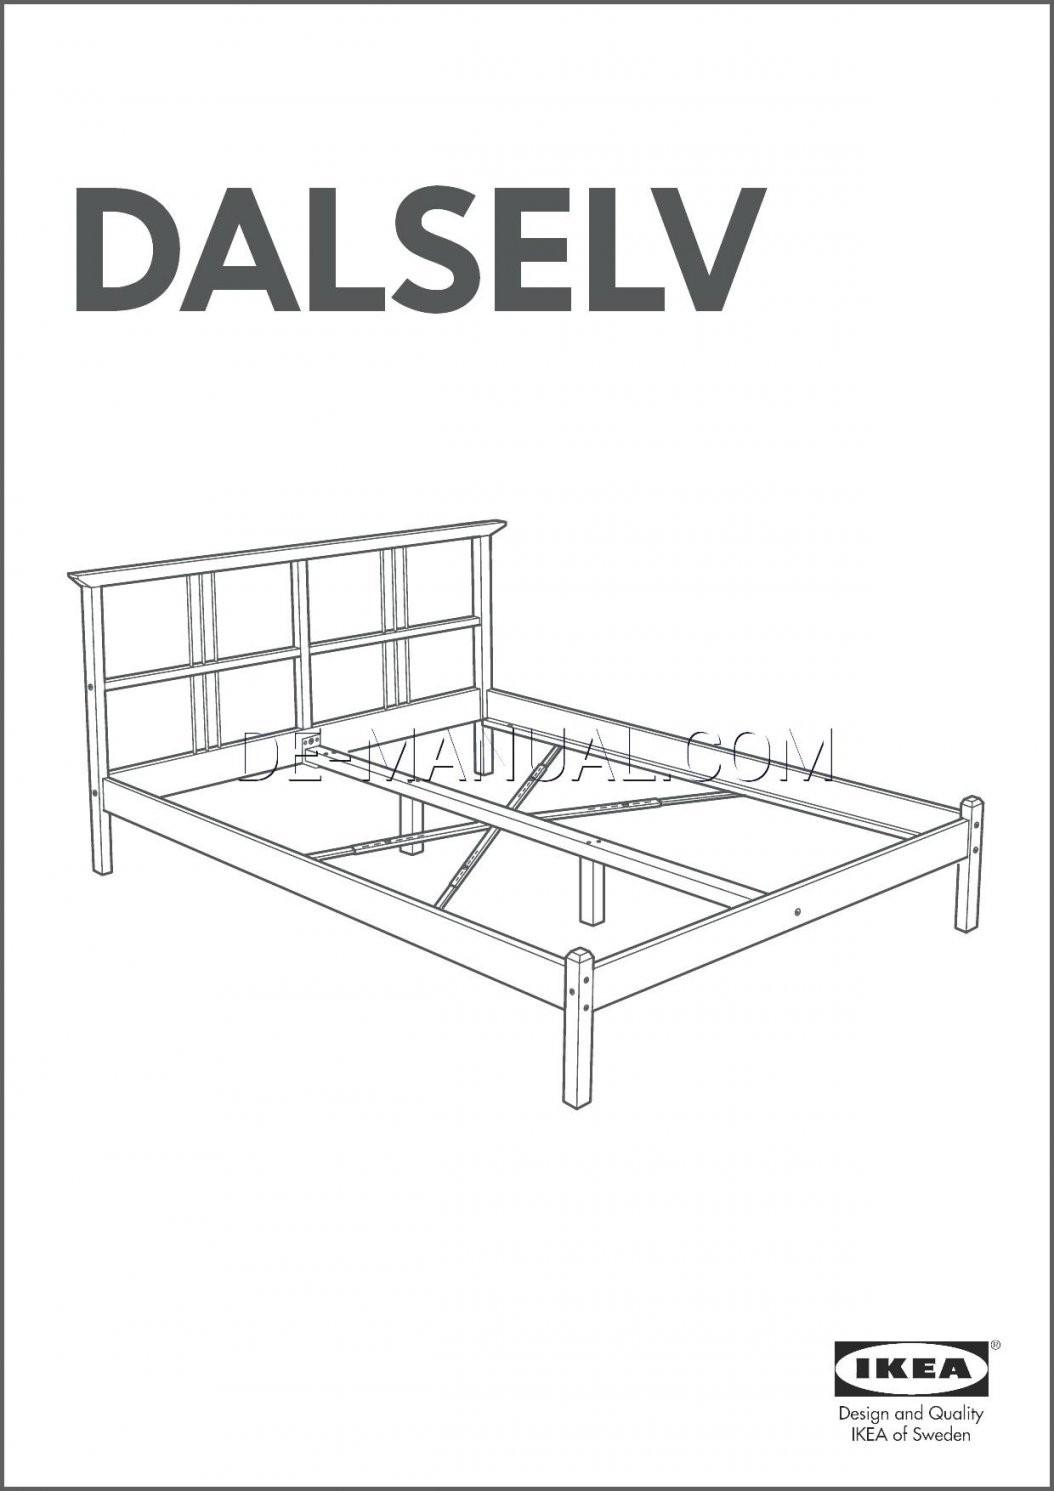 Ikea Malm Bett Anleitung – Eyesopen Von Ikea Bett Malm Anleitung von Ikea Malm Bett 140X200 Anleitung Bild